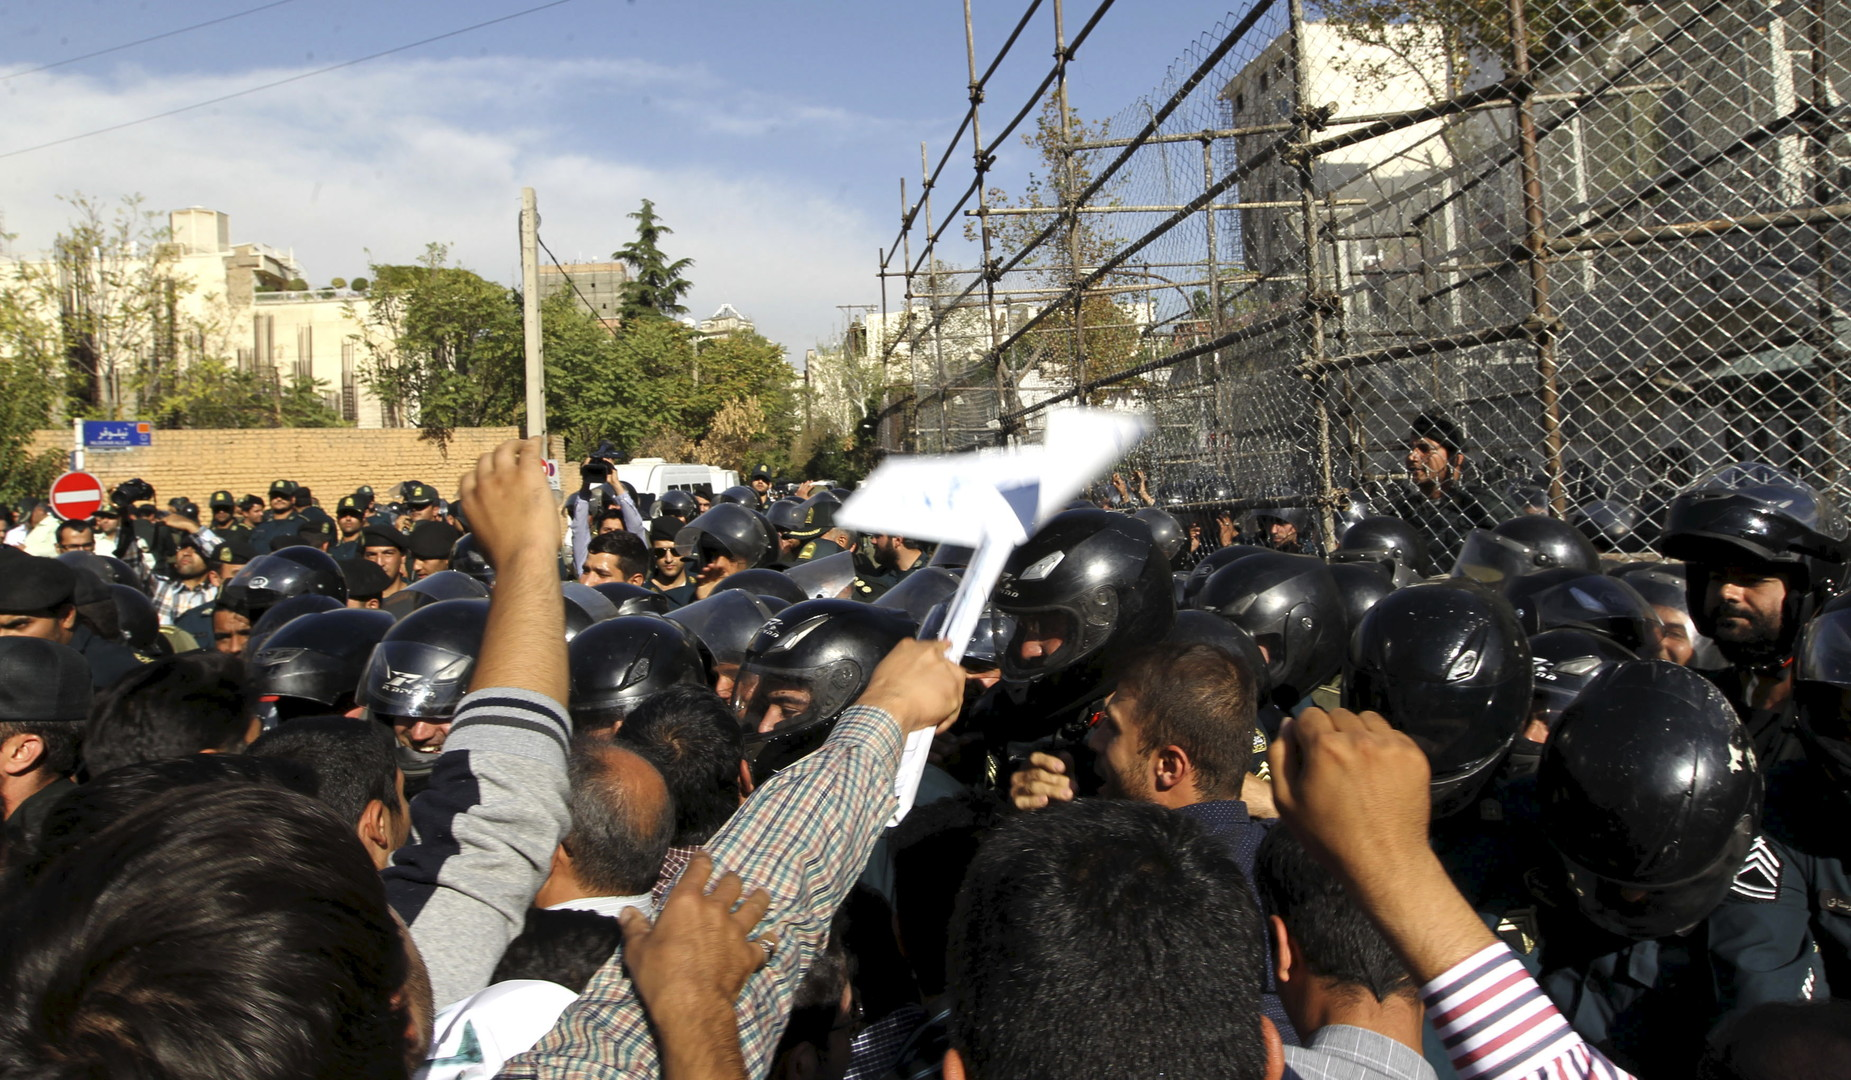 إيرانيون يتظاهرون أمام سفارة السعودية احتجاجا على مقتل 169 حاجا